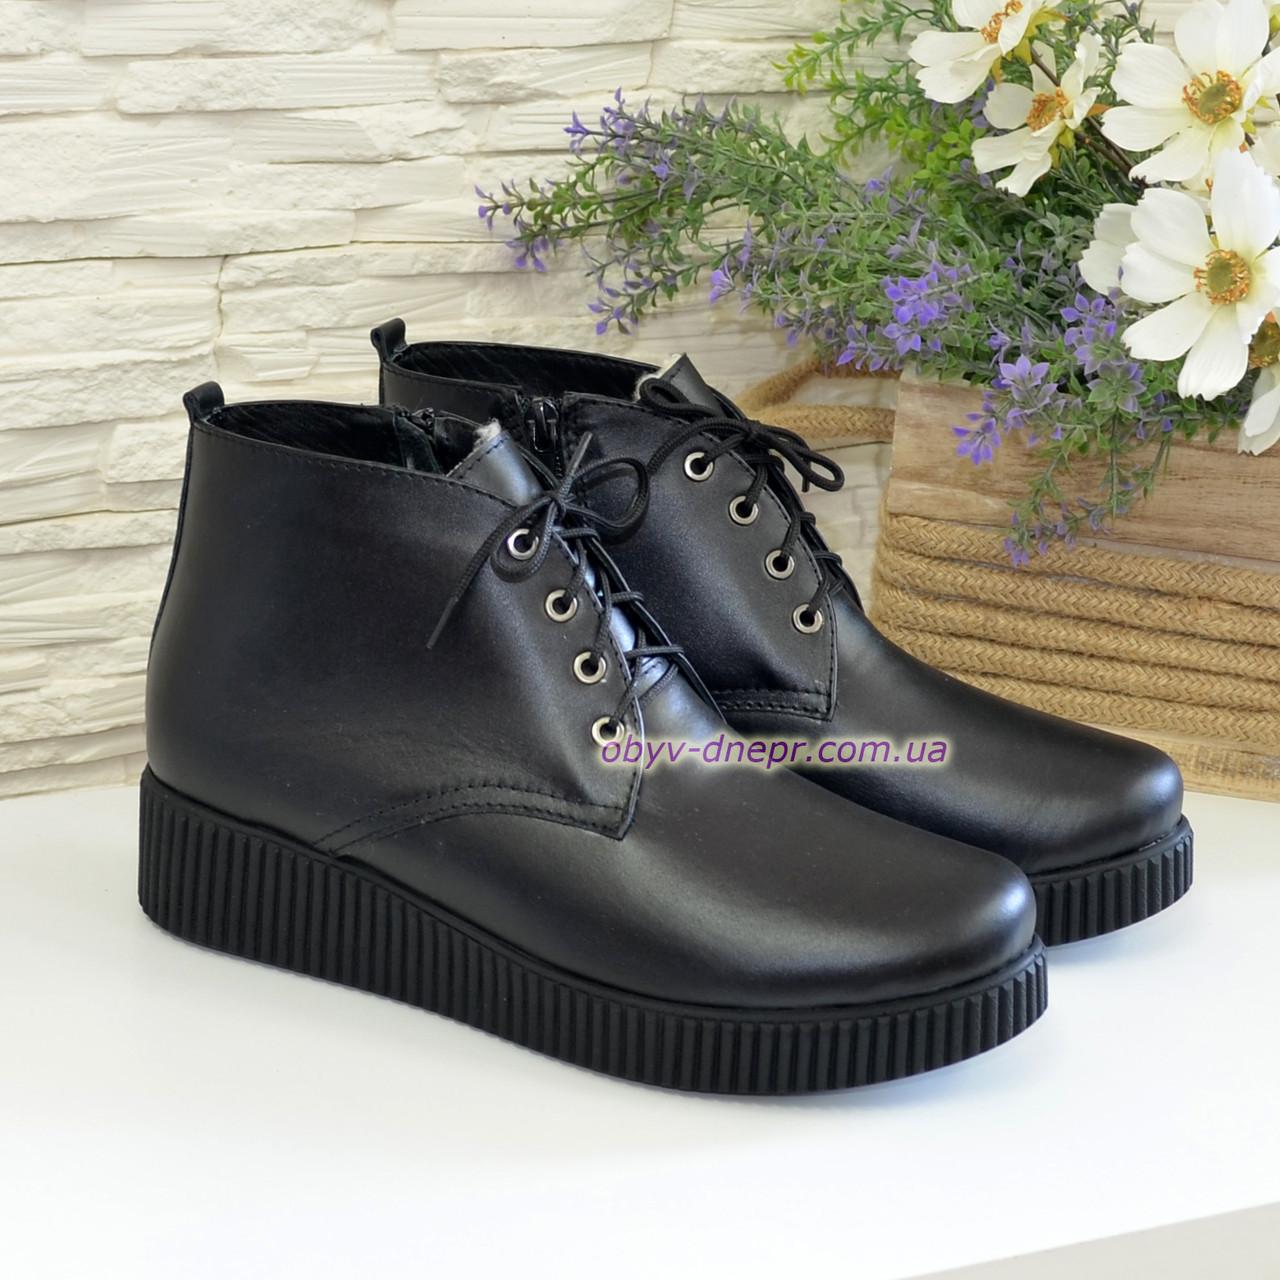 Жіночі демісезонні черевики на шнурівці, натуральна чорна шкіра